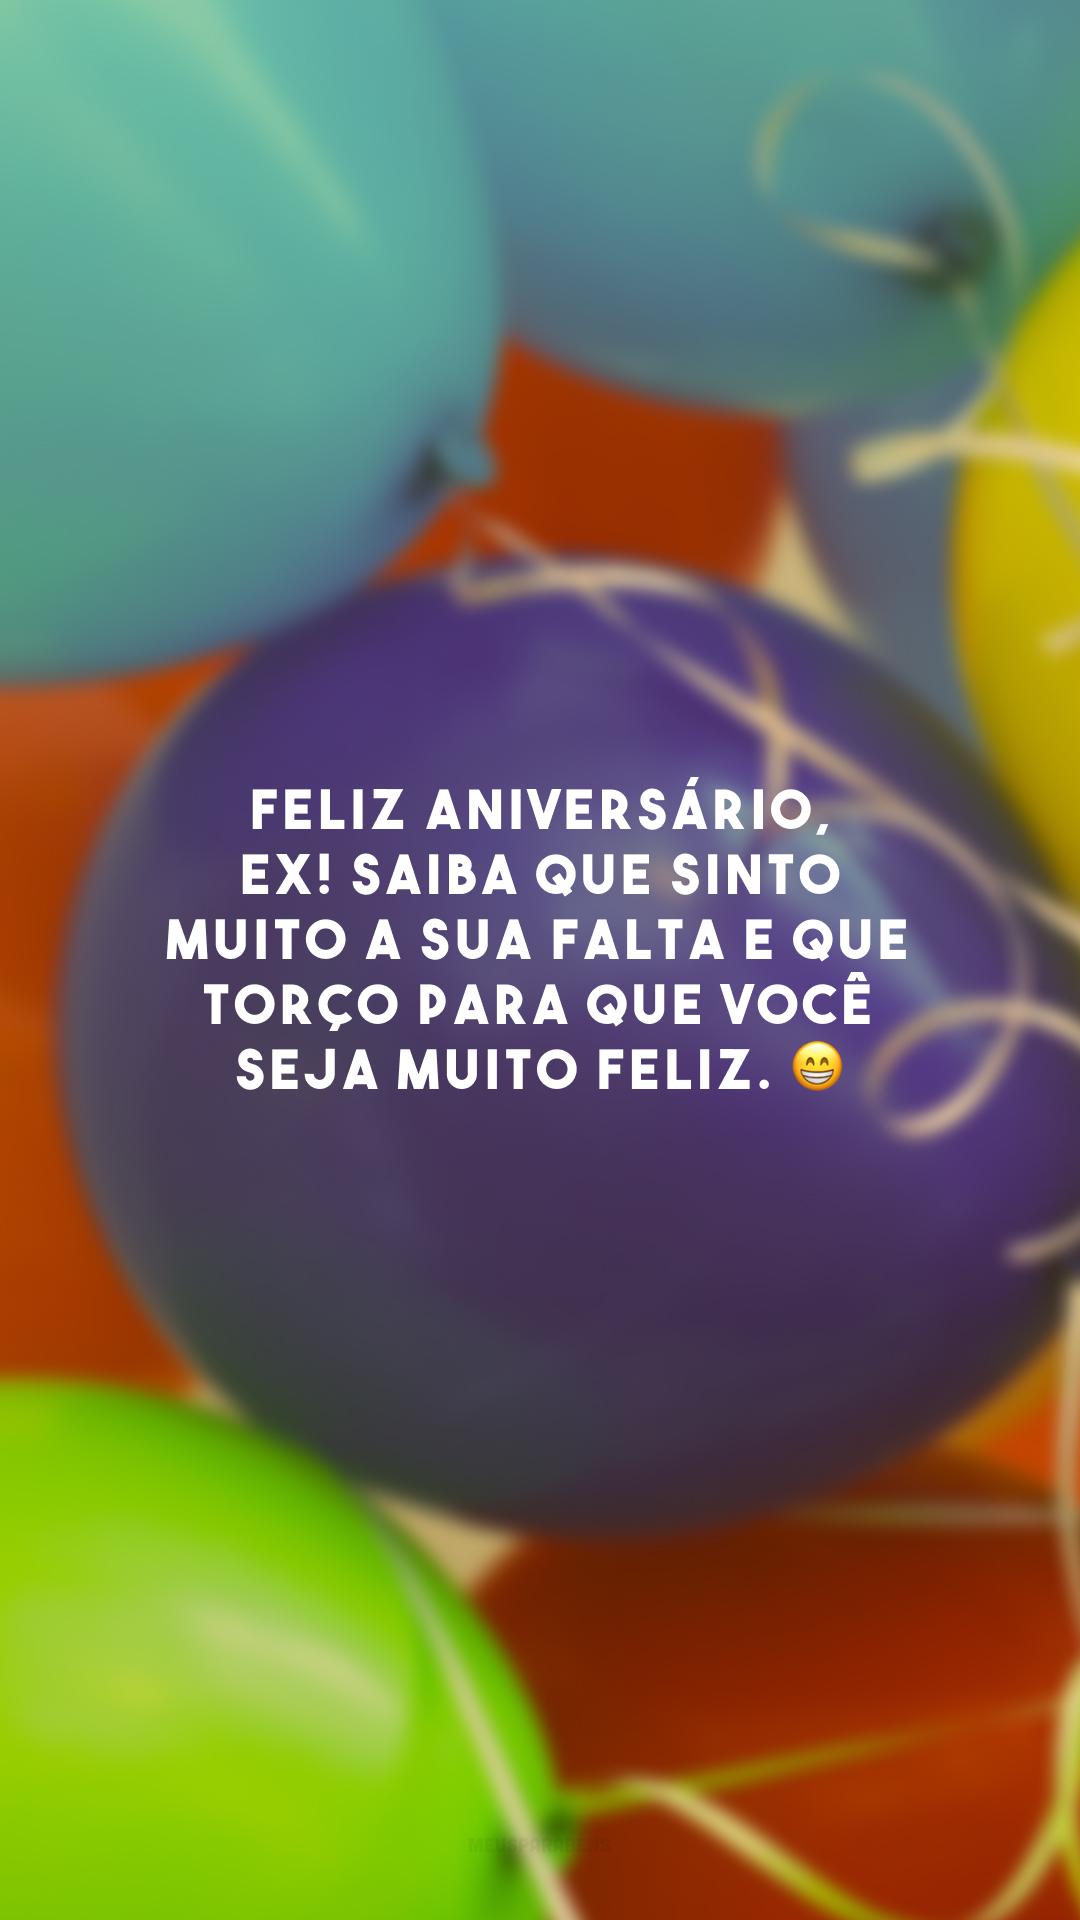 Feliz aniversário, ex! Saiba que sinto muito a sua falta e que torço para que você seja muito feliz. 😁